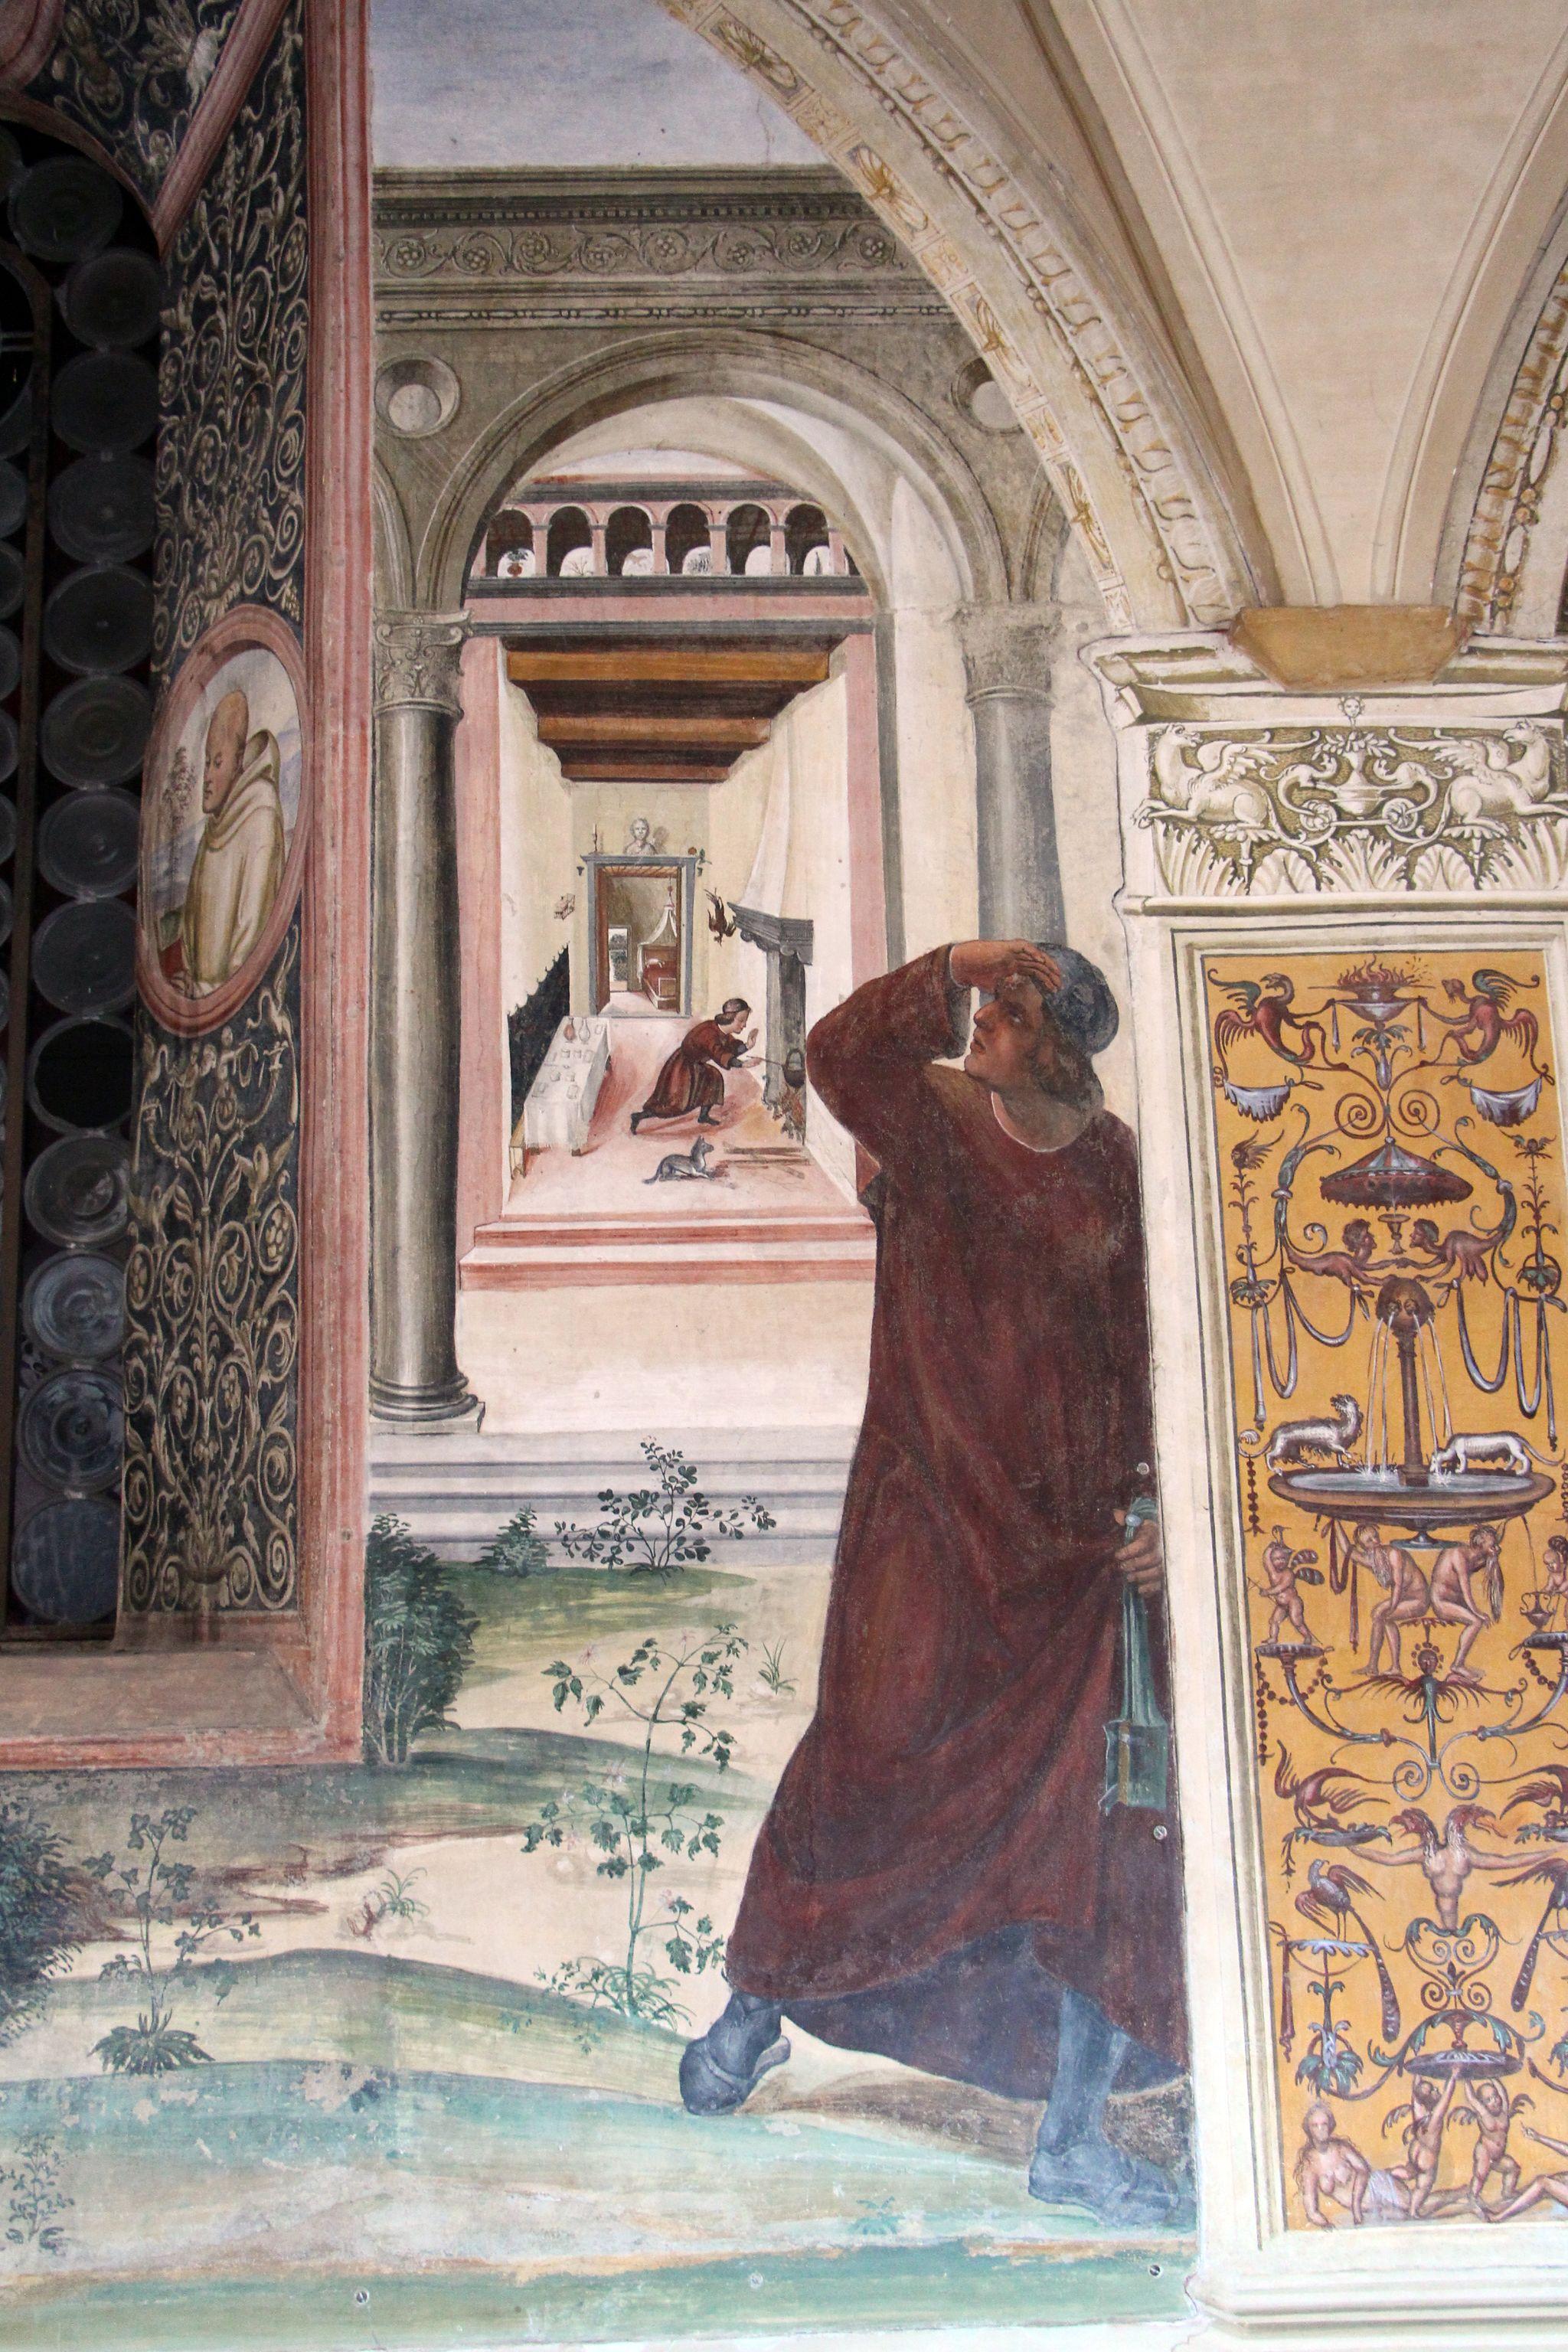 Storie di s. benedetto, 06 sodoma - Come uno prete ispirato da dio porta da mangiare a Benedetto nel giorno di pasqua 06